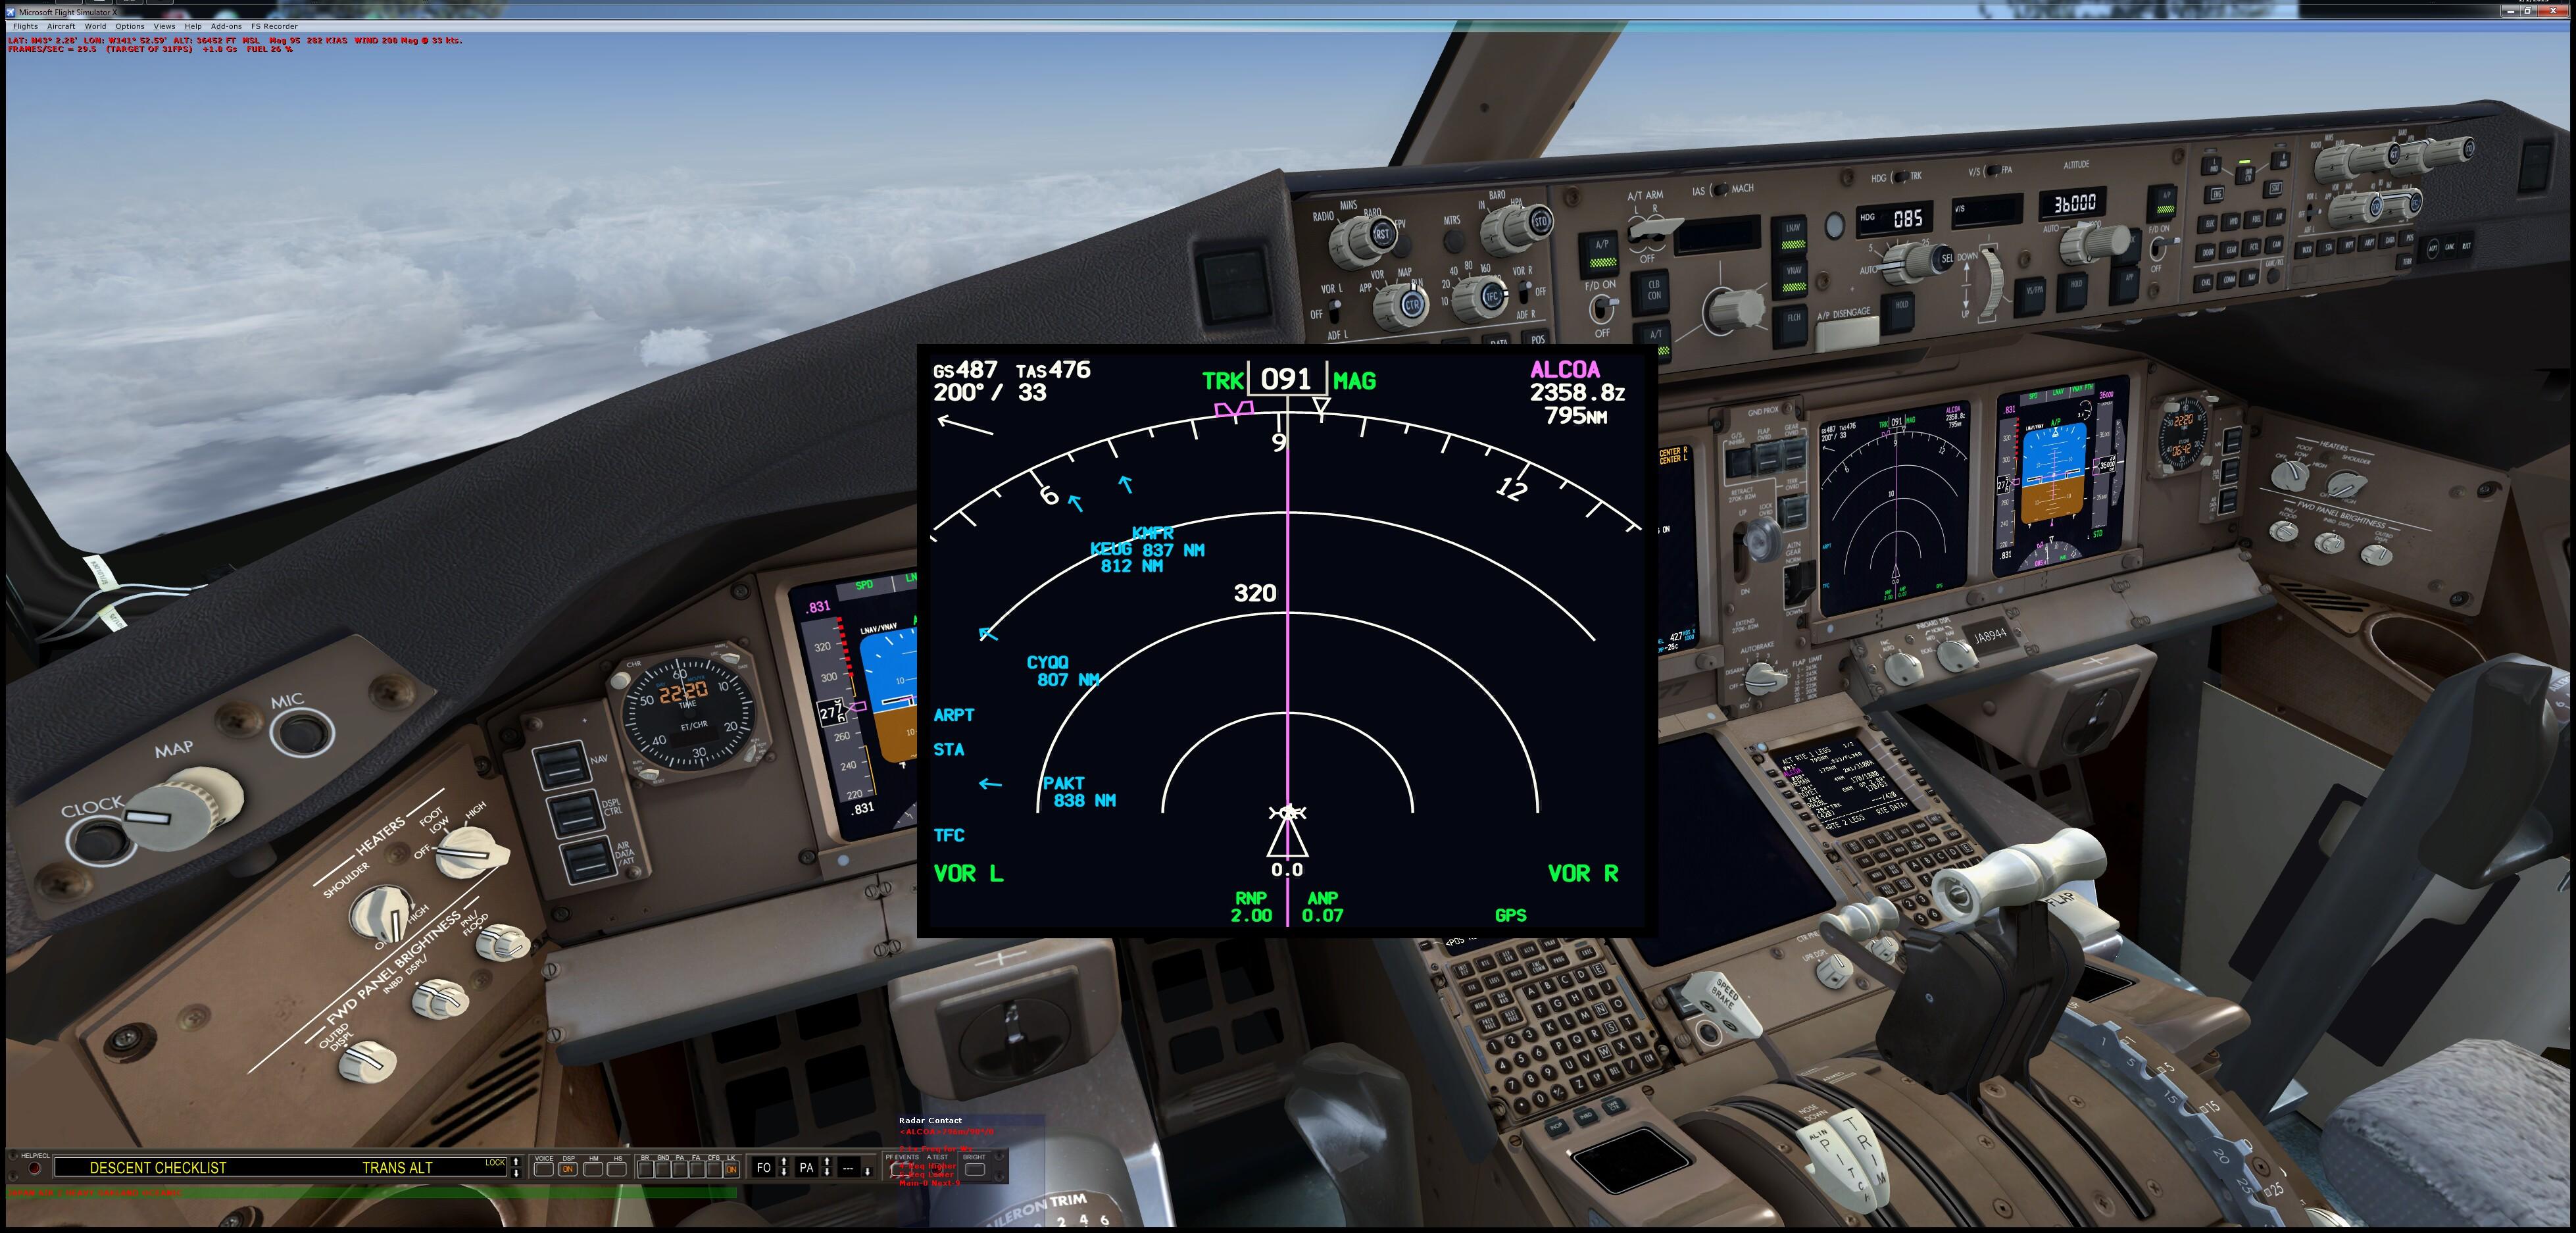 ScreenshotsRJTT-KSFO-11.jpg